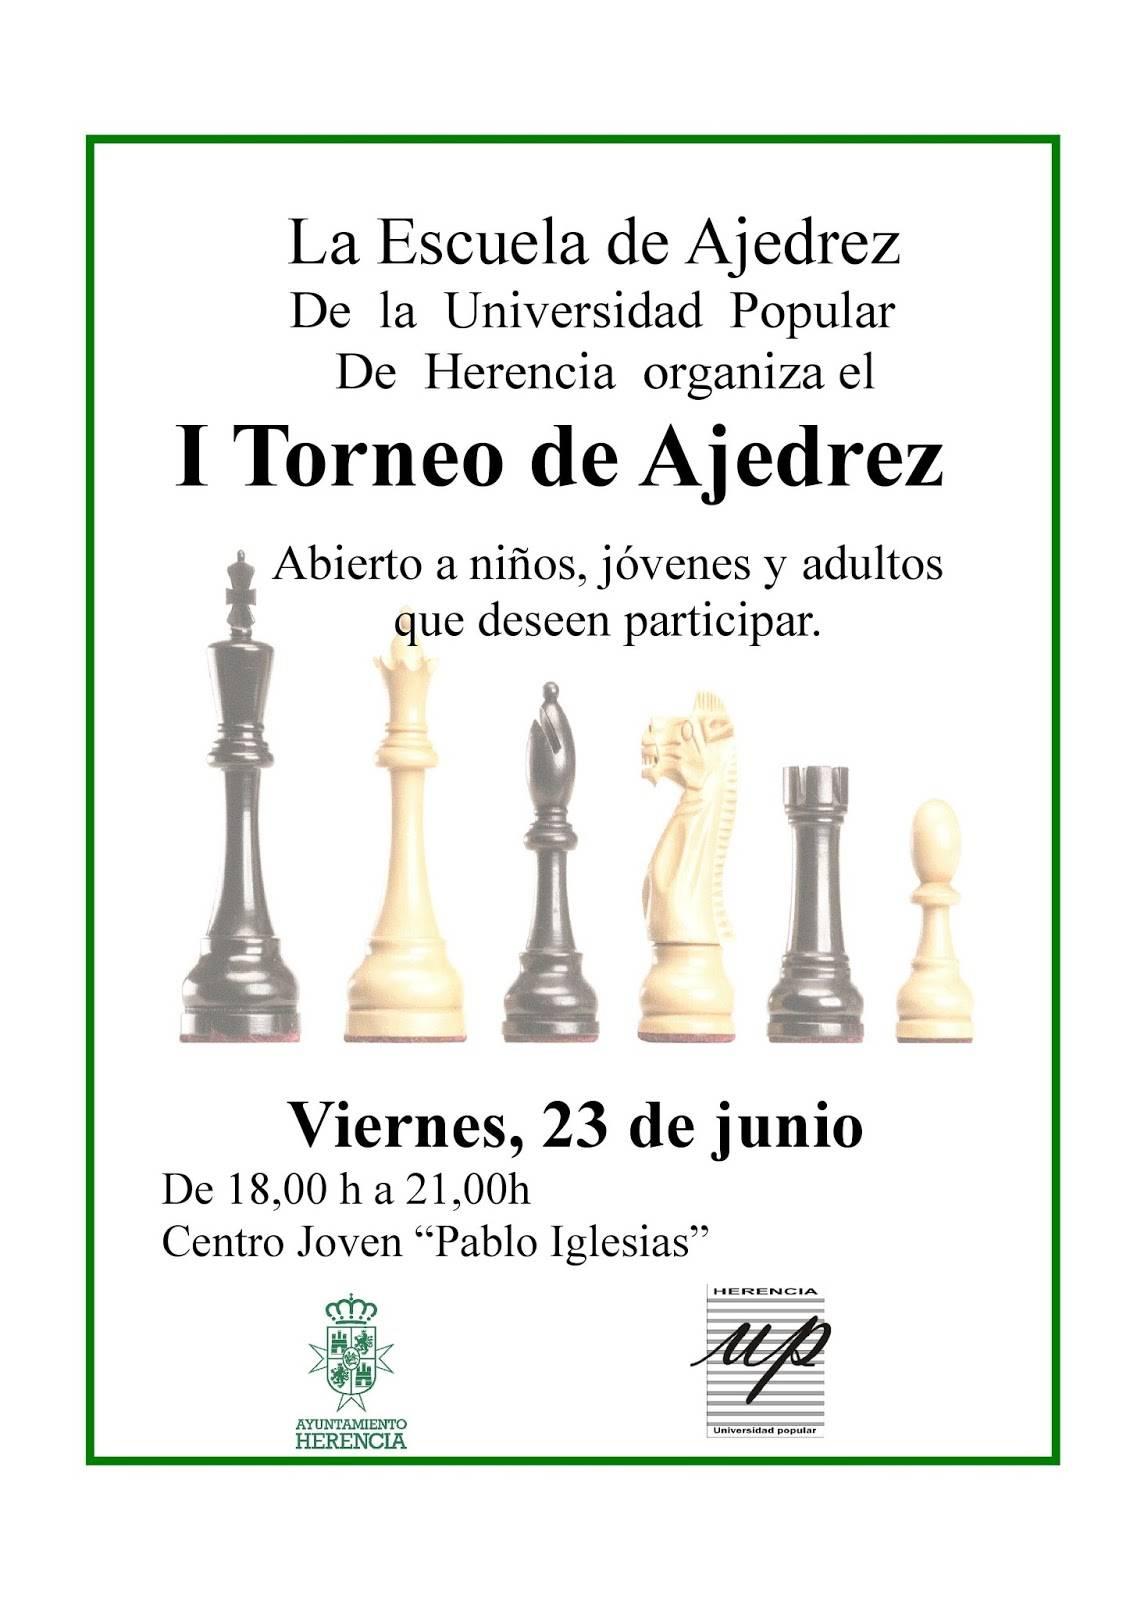 I Torneo de la Escuela de Ajedrez de la Universidad Popular en Herencia 3